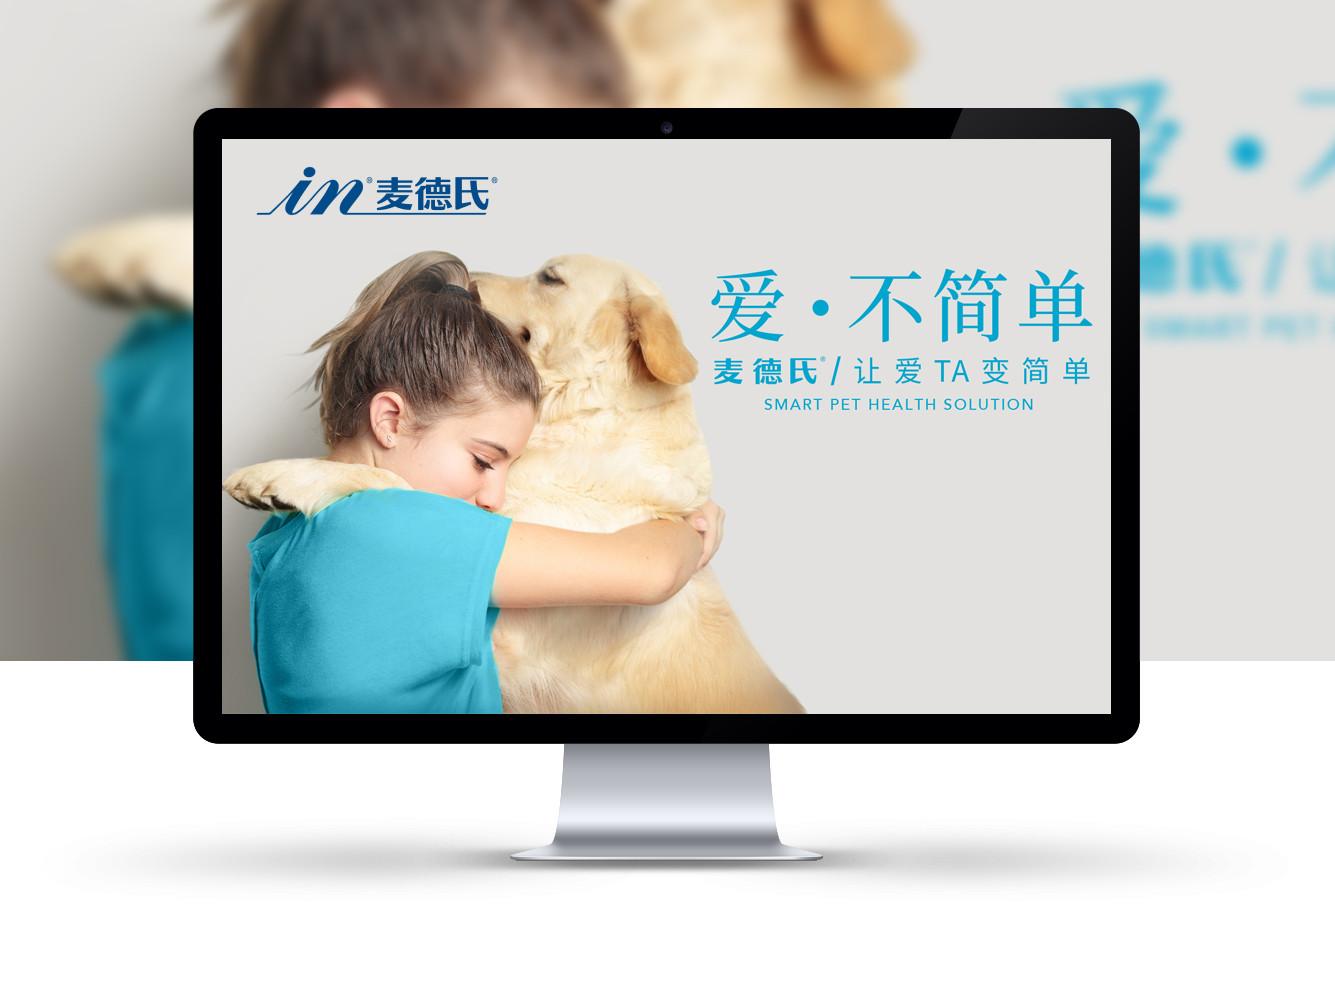 麦德氏(南京)生物科技有限公司